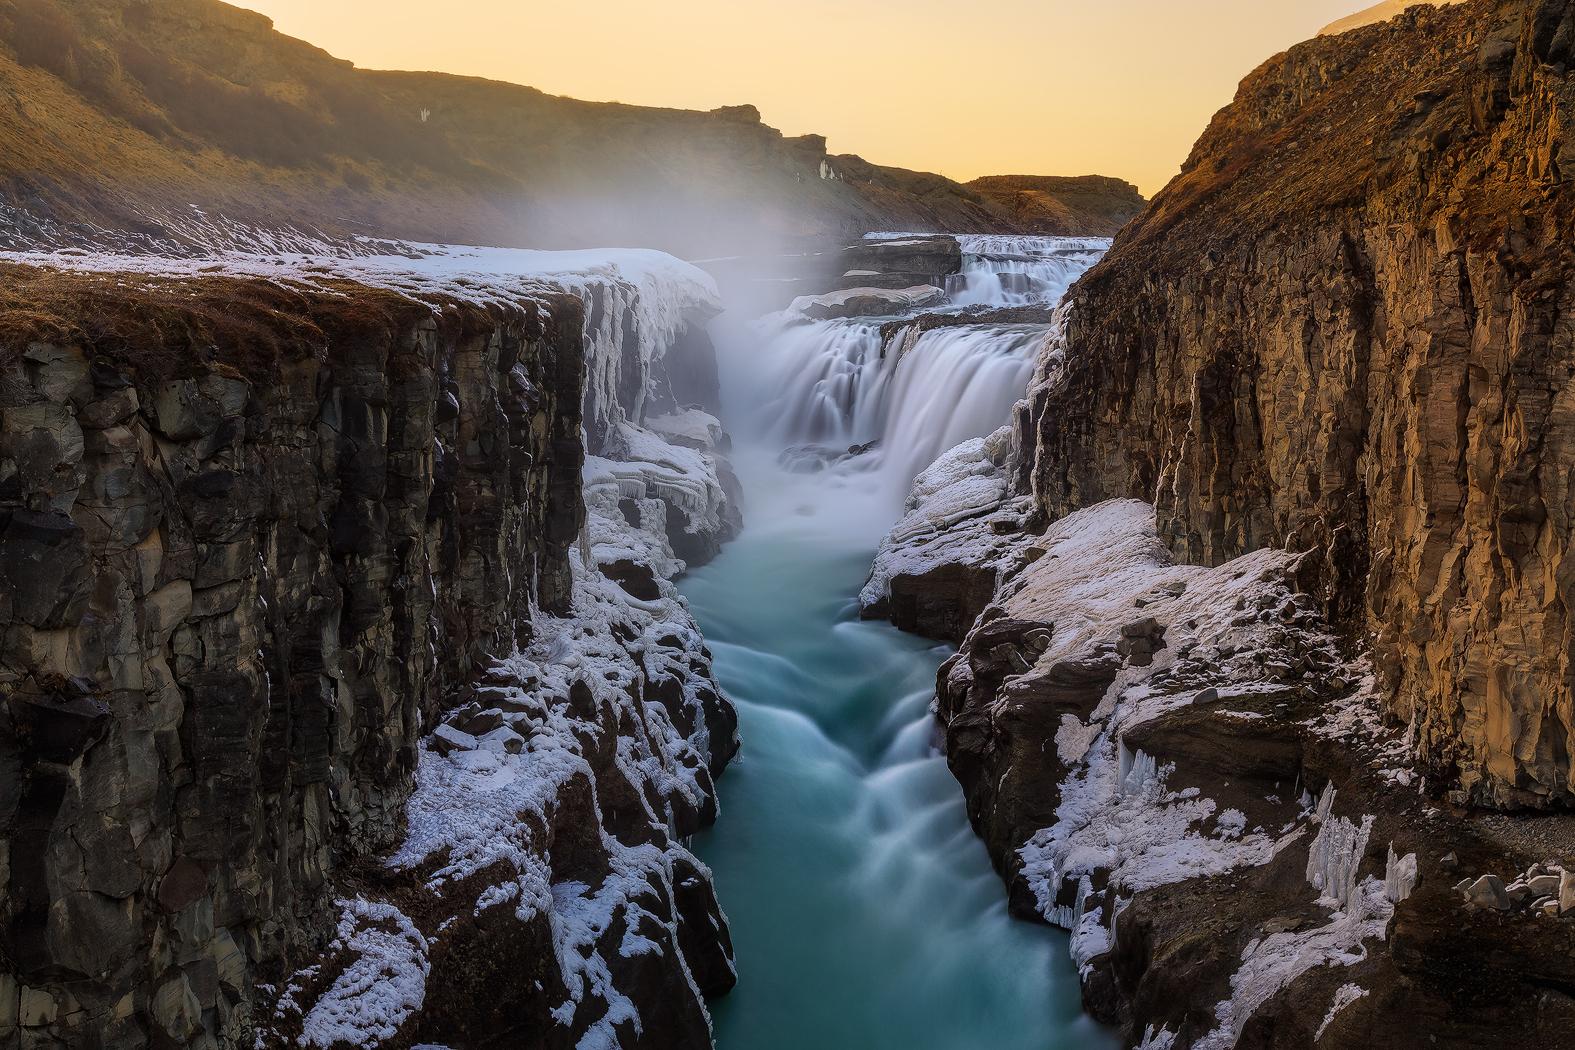 黄金圈的黄金瀑布分为两层,汇入一处古老峡谷